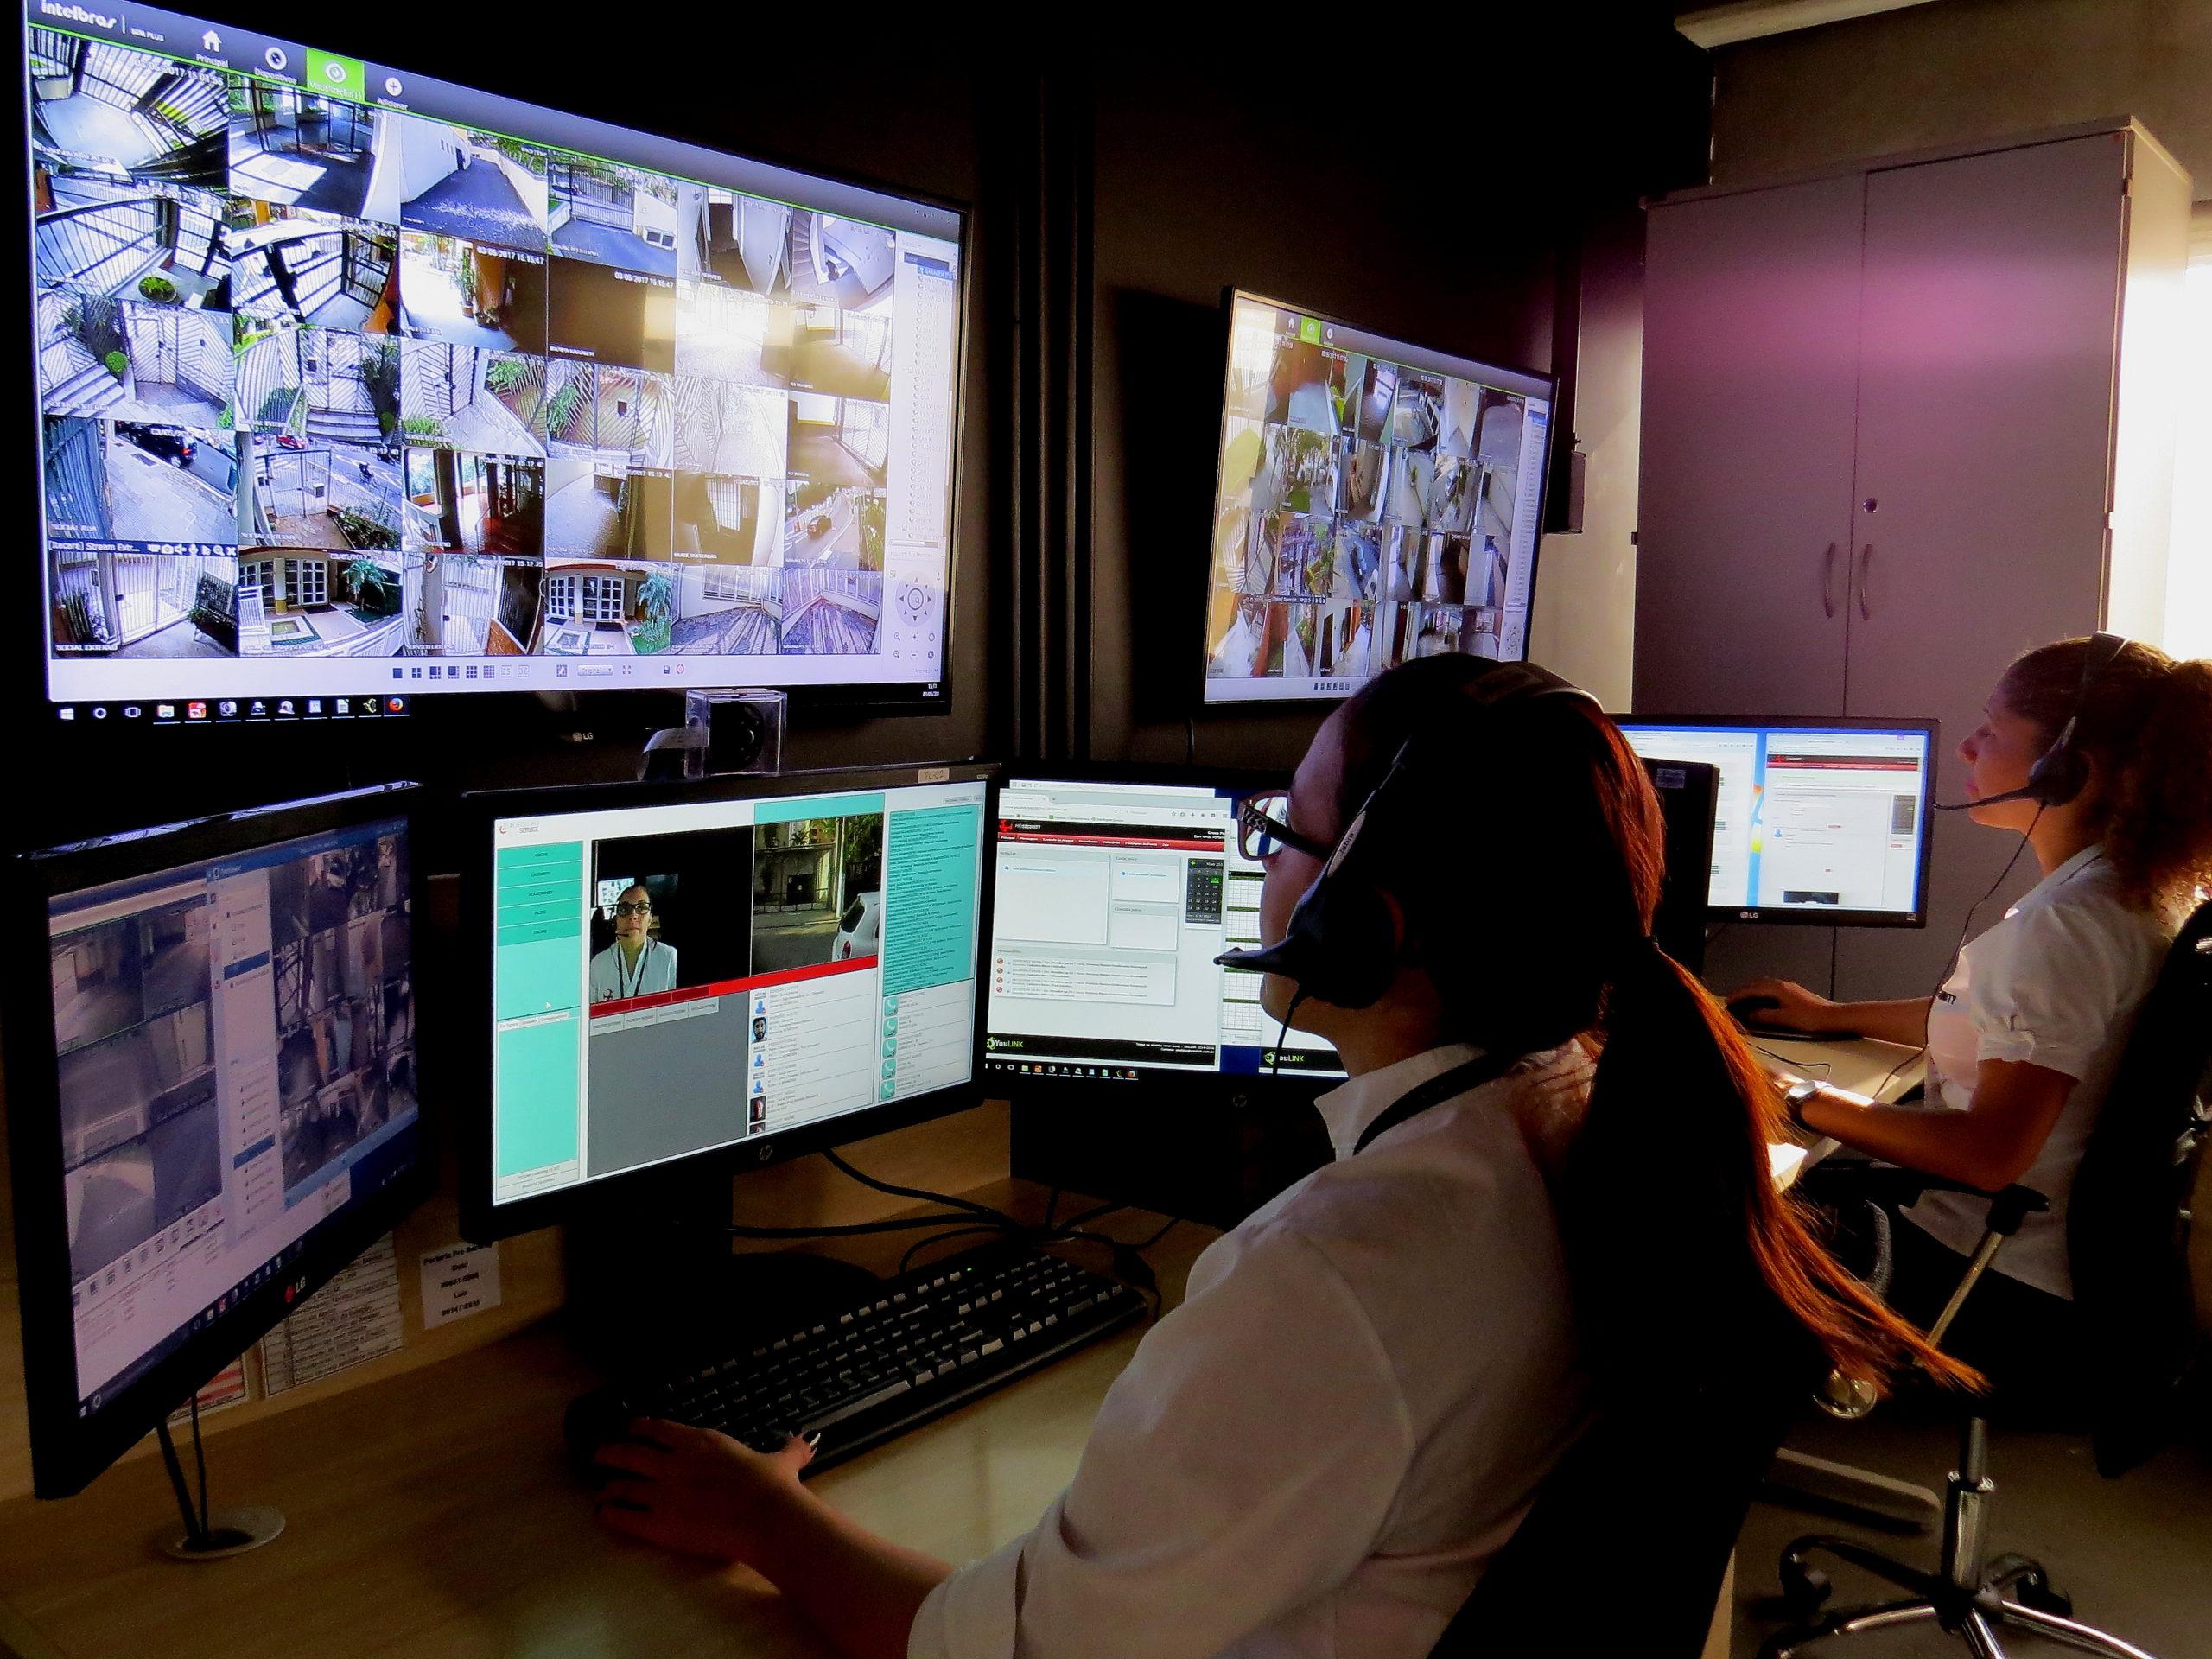 Sistemas de monitoramento: tudo o que você precisa saber